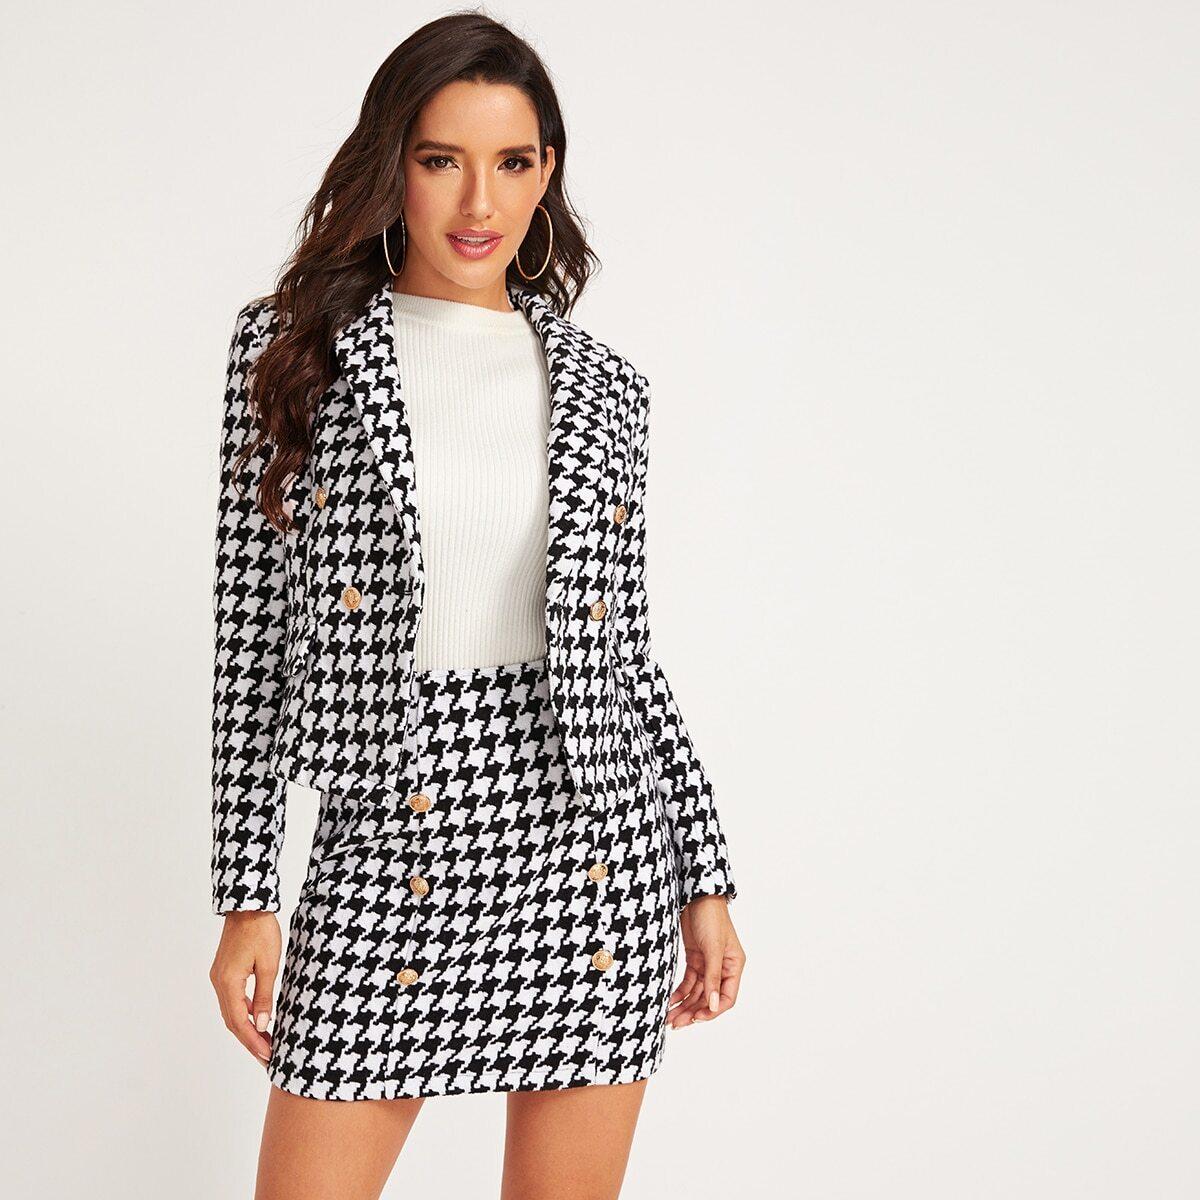 Облегающая юбка и пиджак с принтом